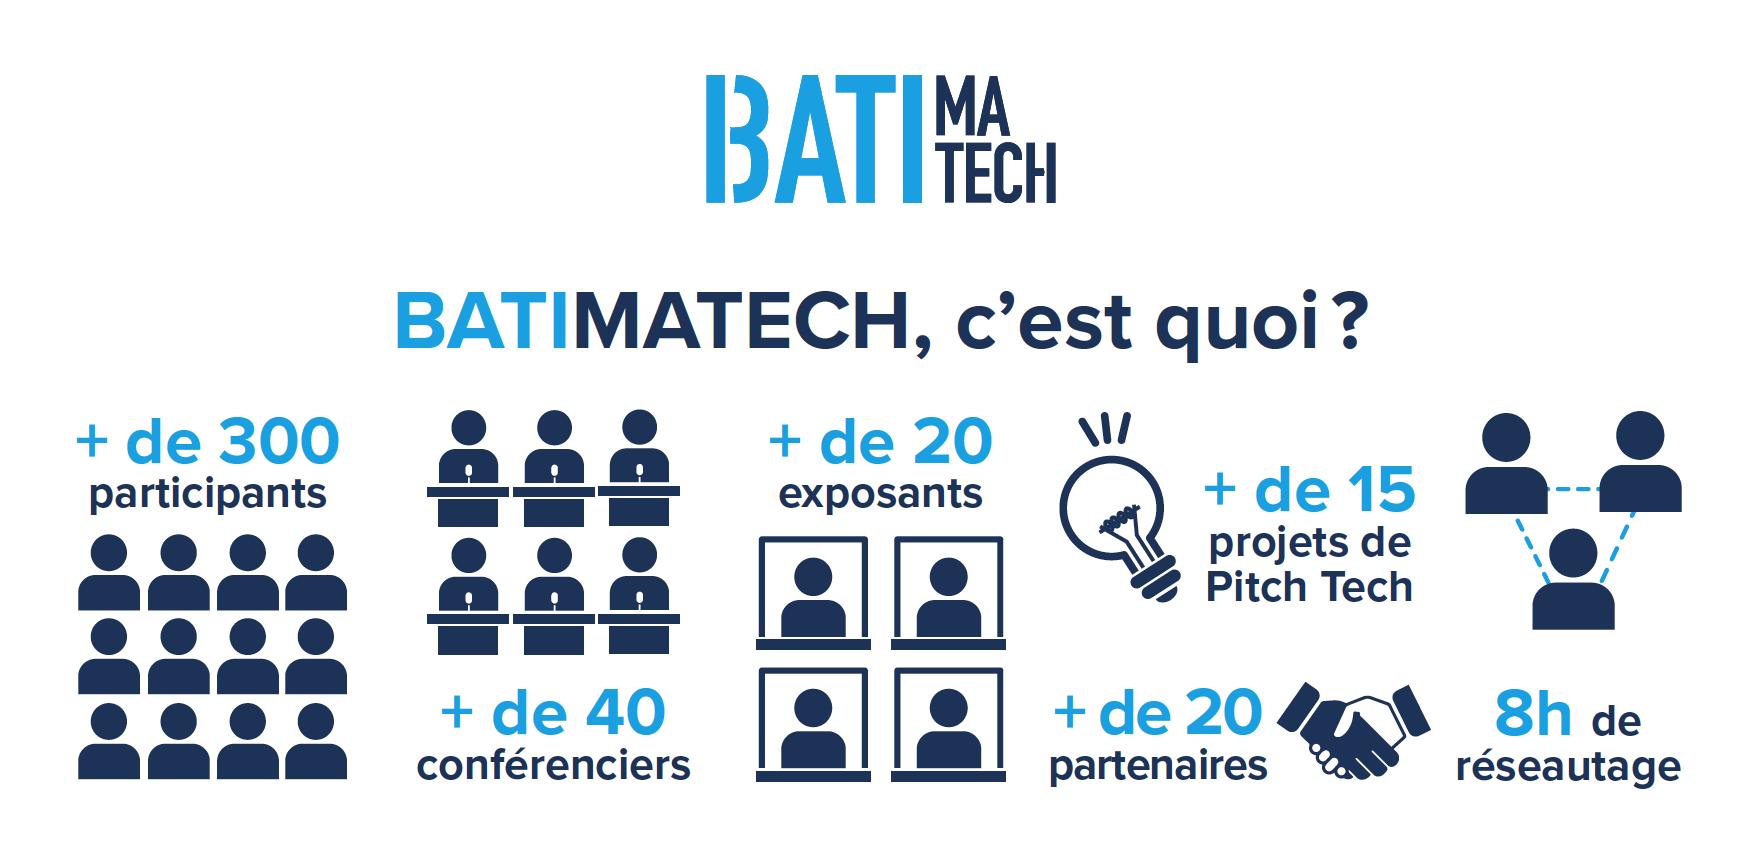 Batimatech c'est quoi Construction et Technologies